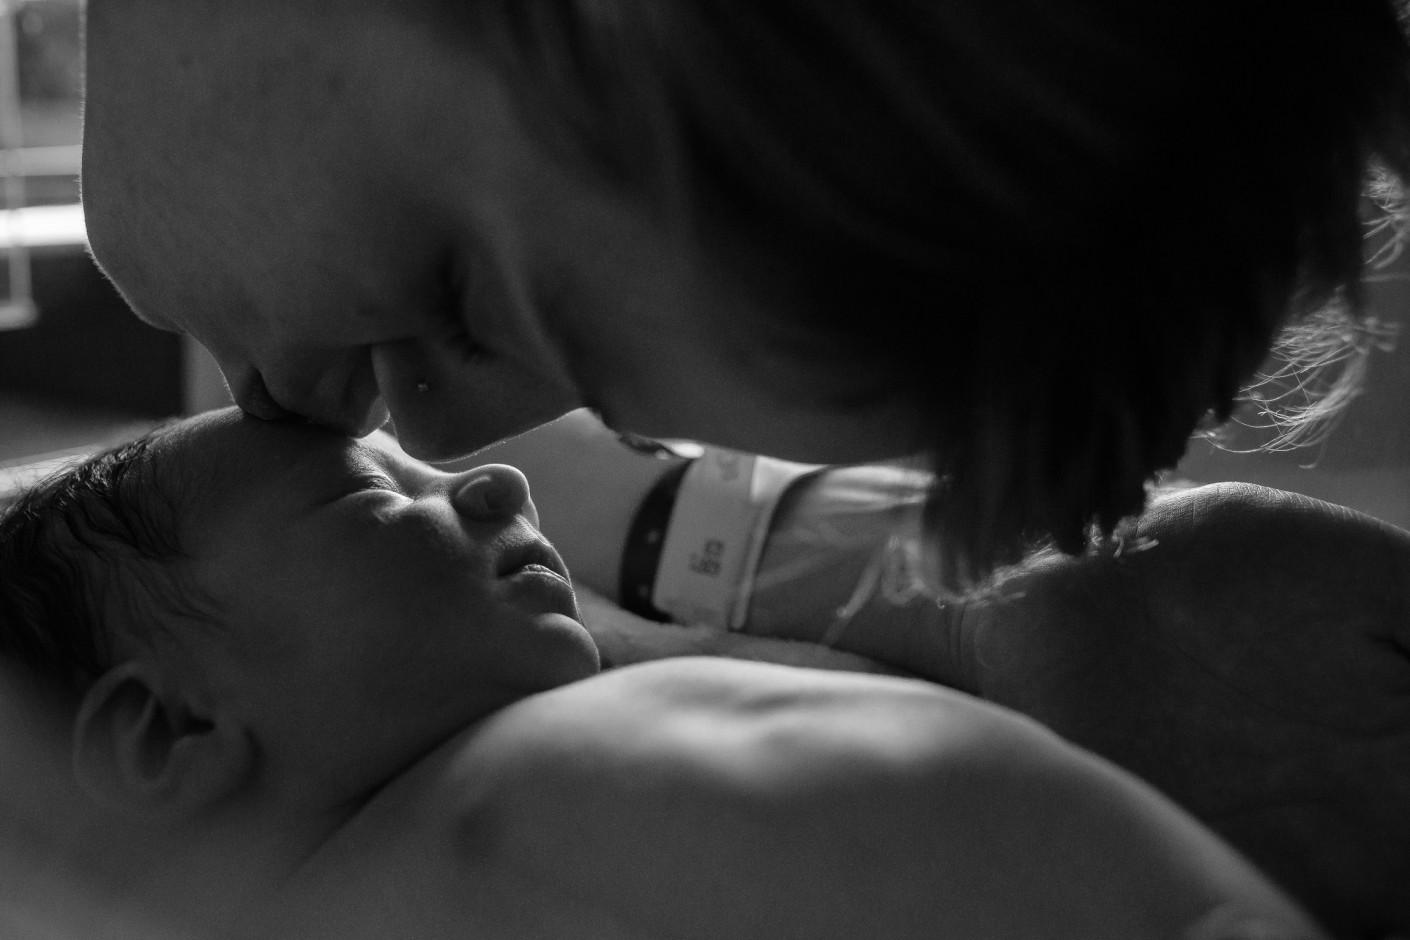 Bébé : Accueil en ce monde -, KW: Sylvie Gagnon, Maman, hopital